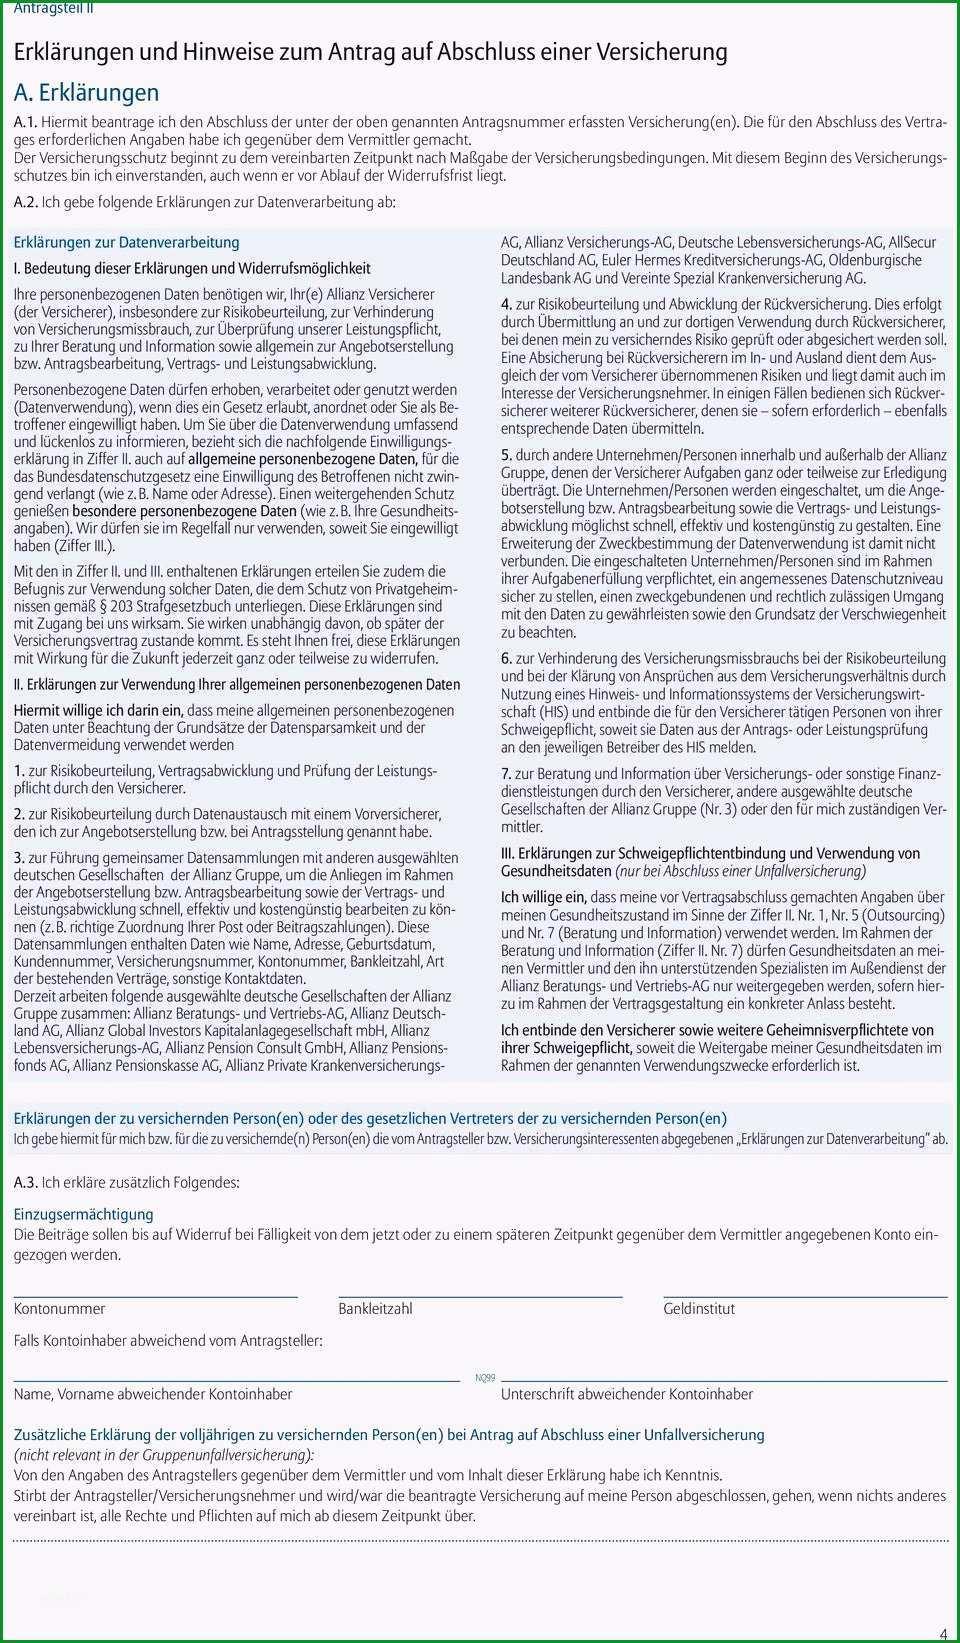 hanse merkur zahnzusatzversicherung rechnung einreichen kostenlos hanse merkur zahnzusatzversicherung rechnung einreichen konzepte 2